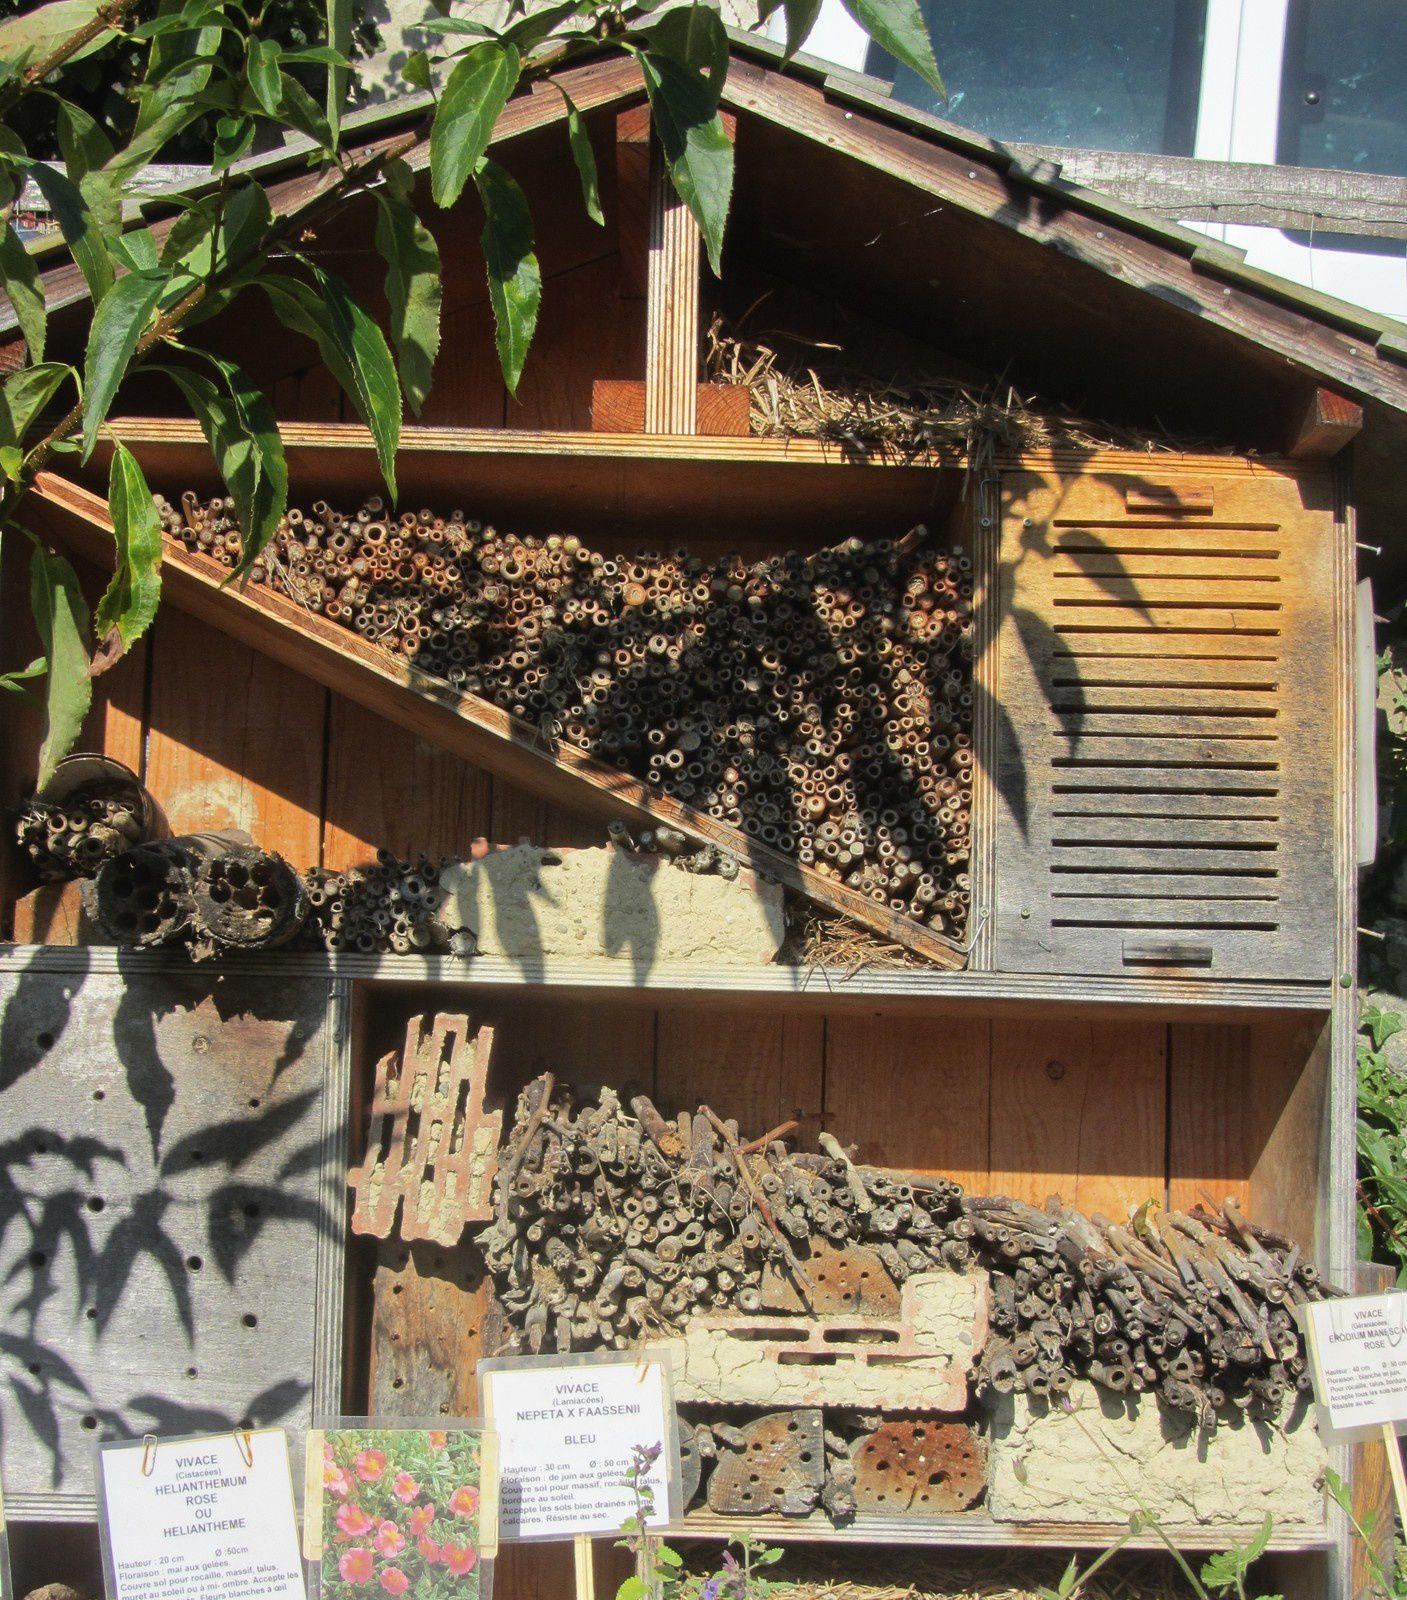 Mais on peut, peut être se rabattre sur cette maison à insectes, si on décide de la fabriquer par soi même §